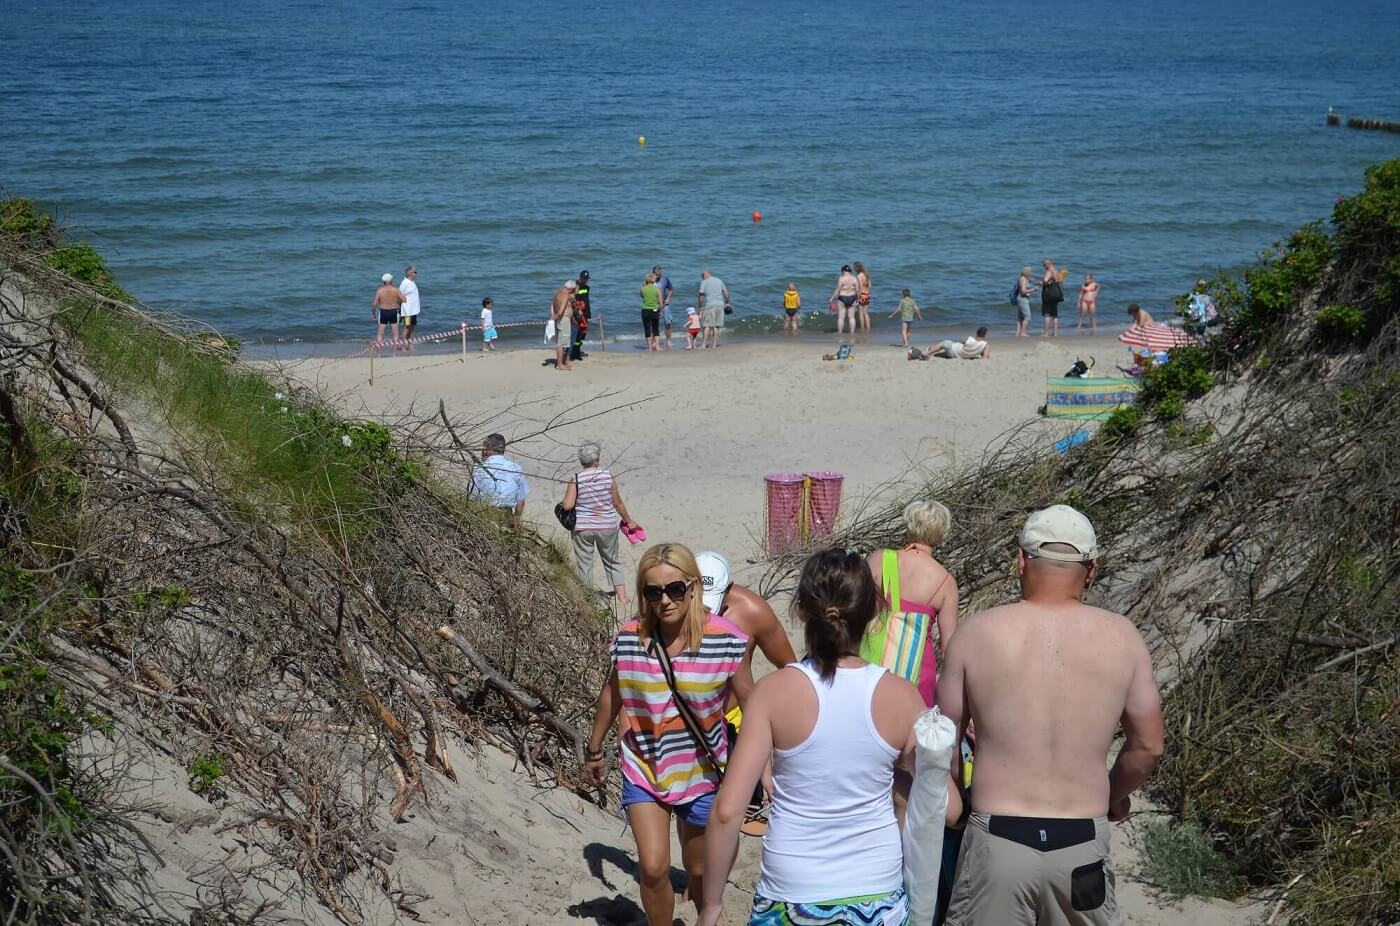 Wejście na plażę w Wiciu